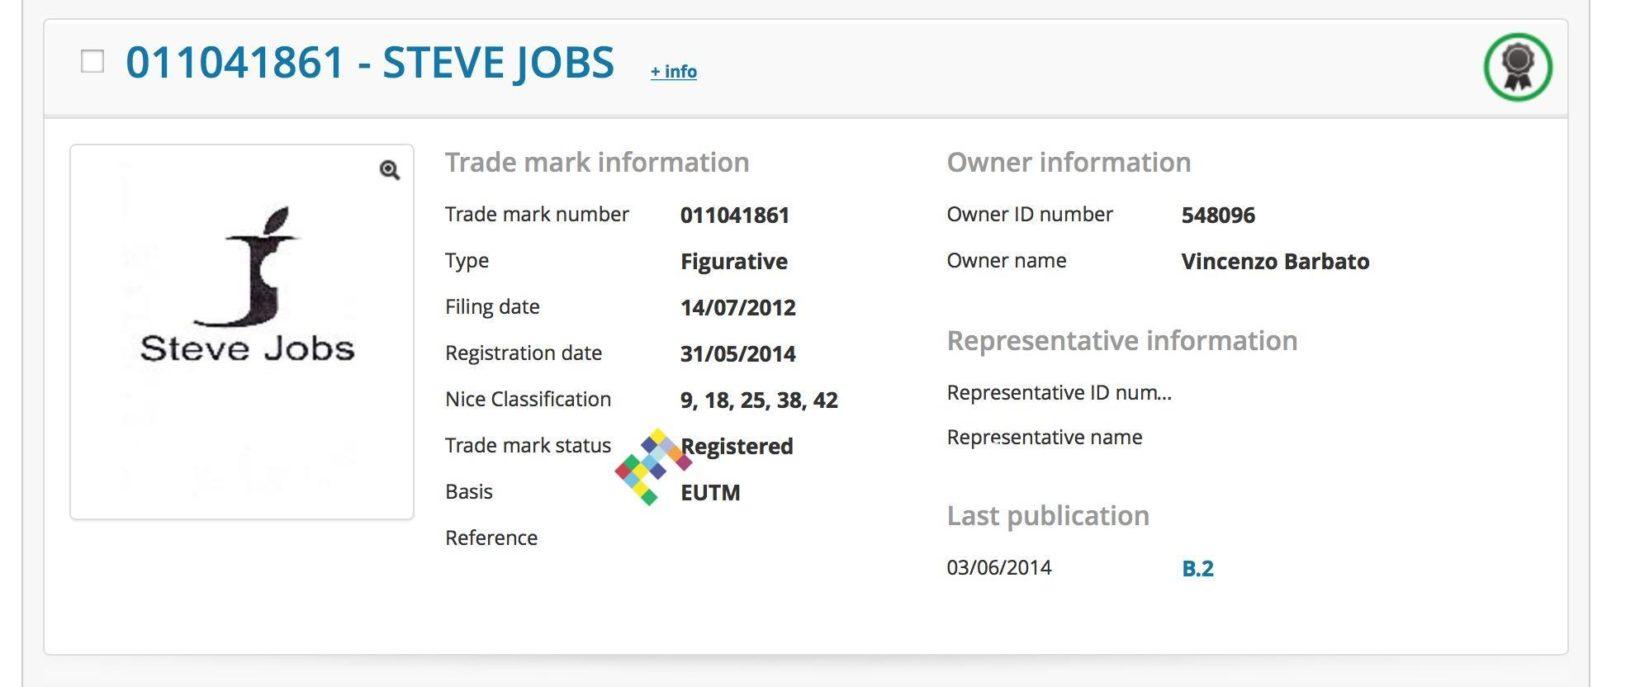 steve jobs brand in europe